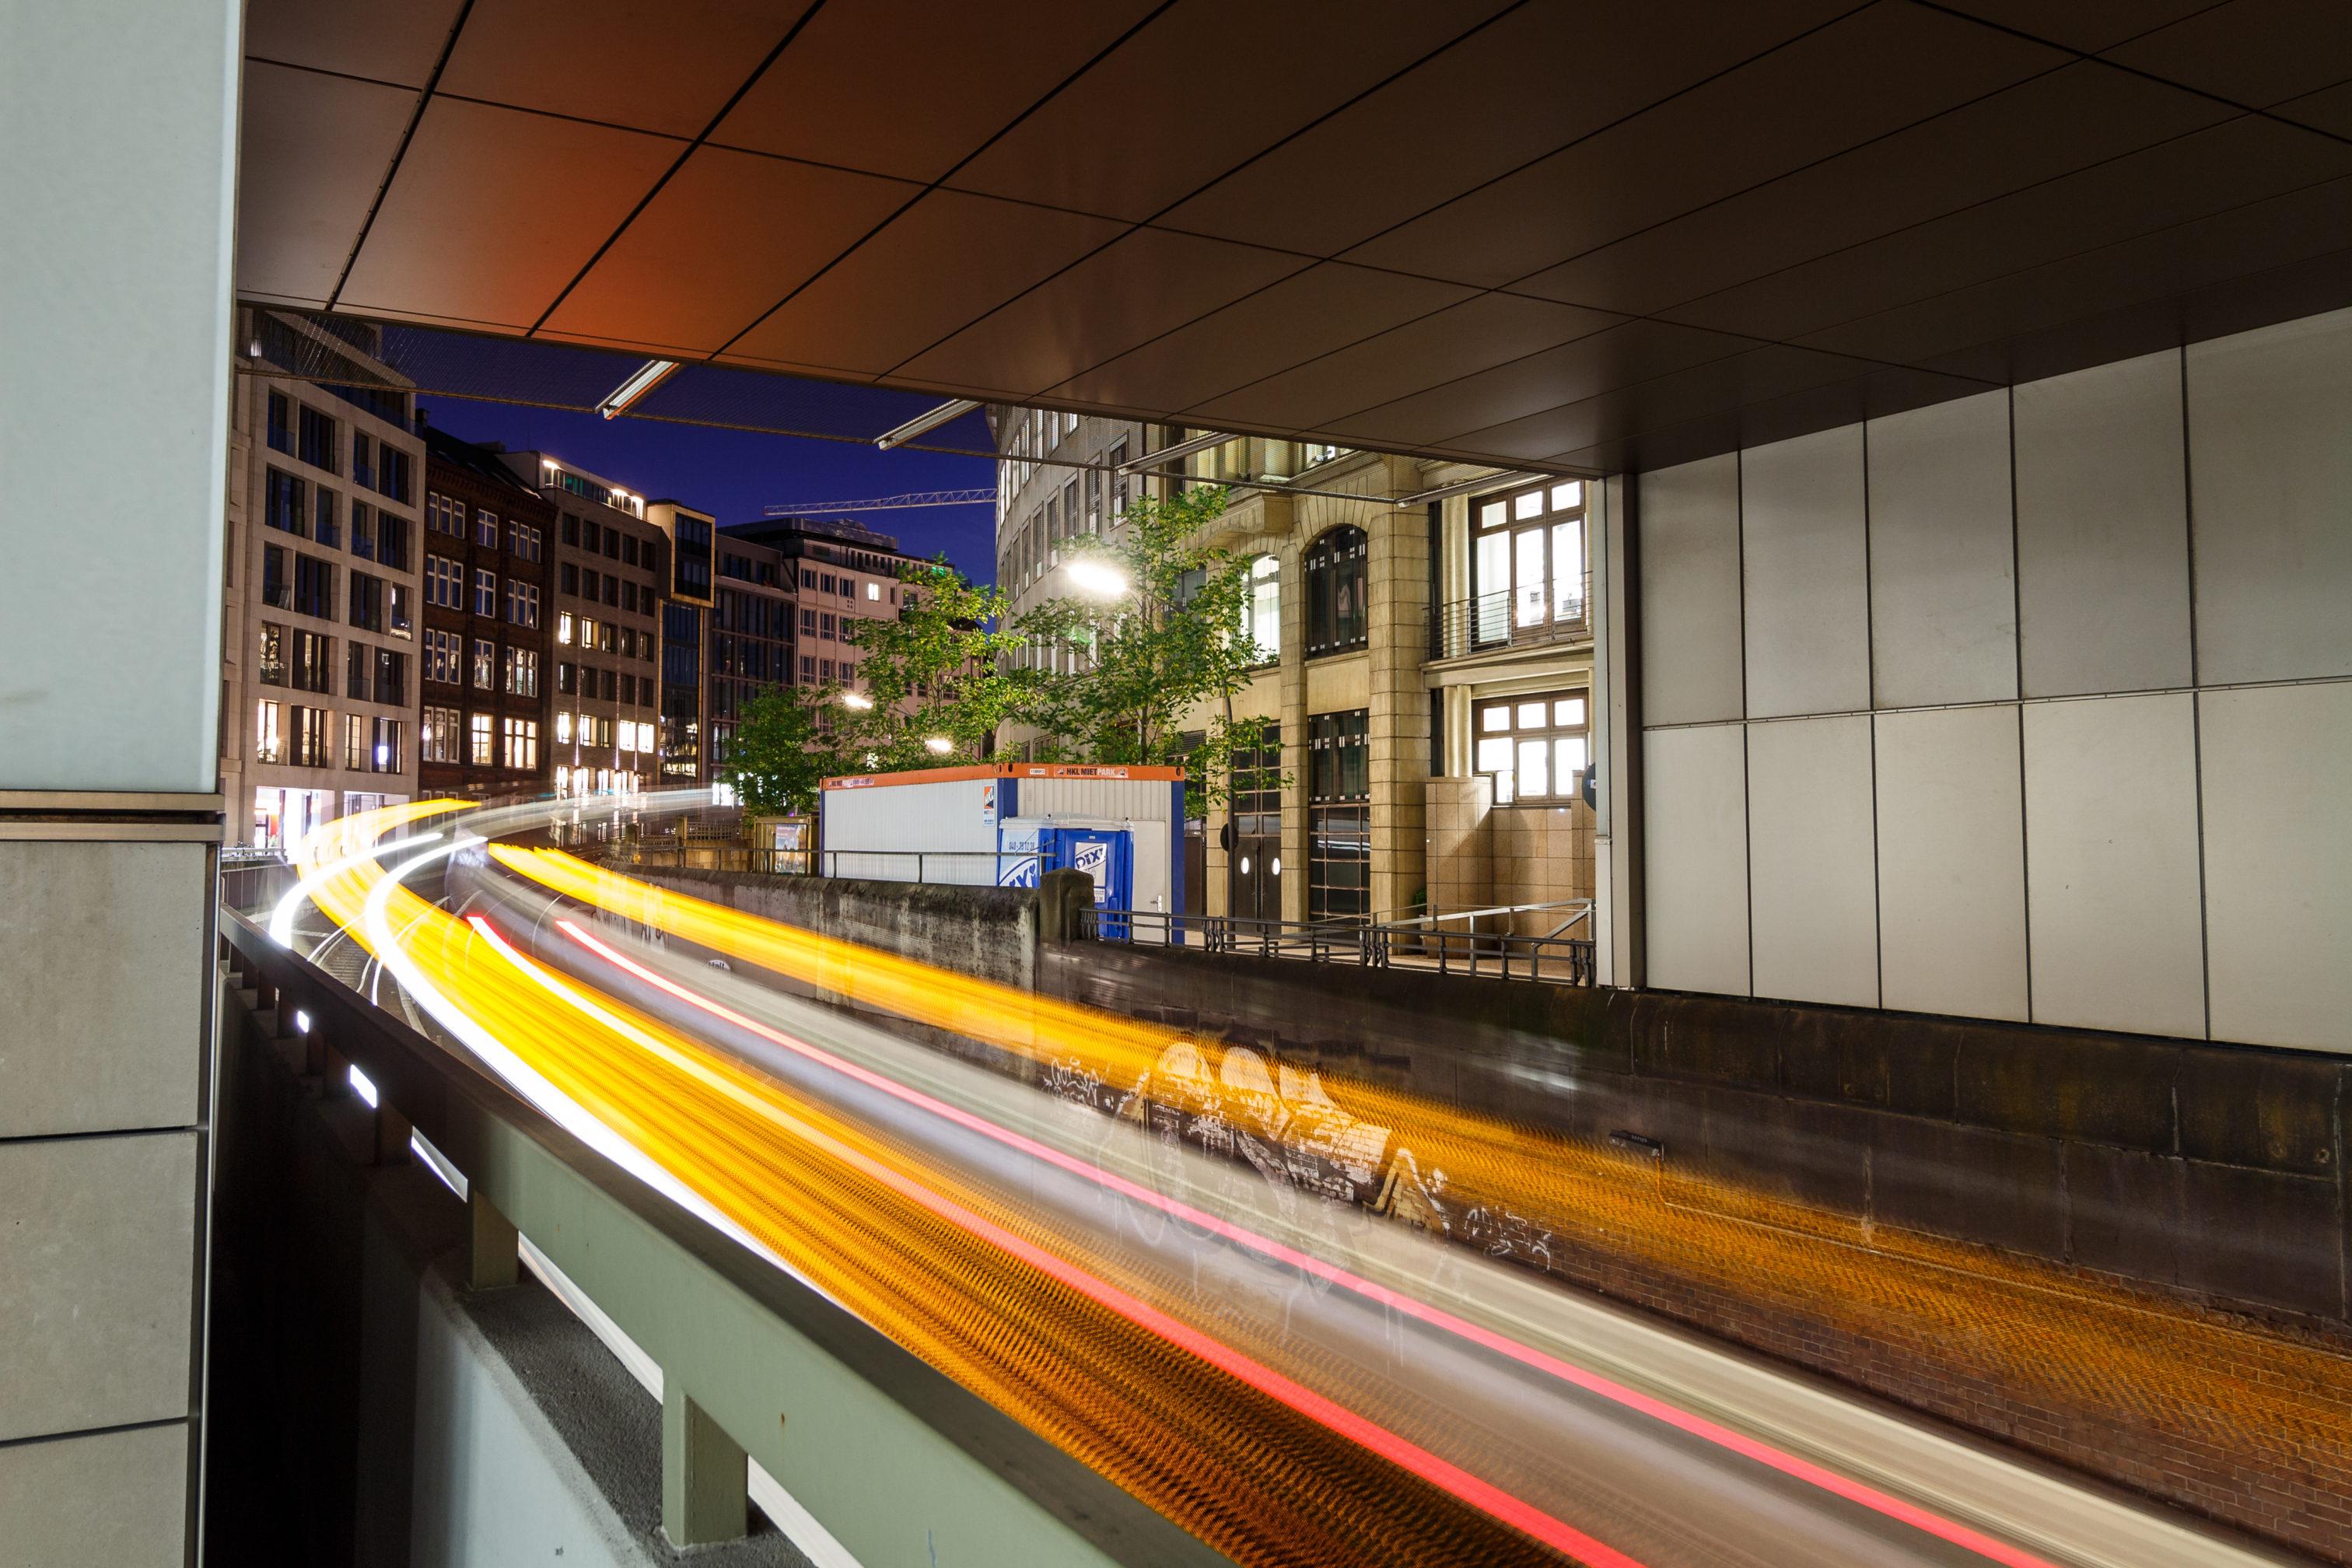 Zwei Nahverkehrszüge, die in der Nacht auf ein Viadukt herauffahren